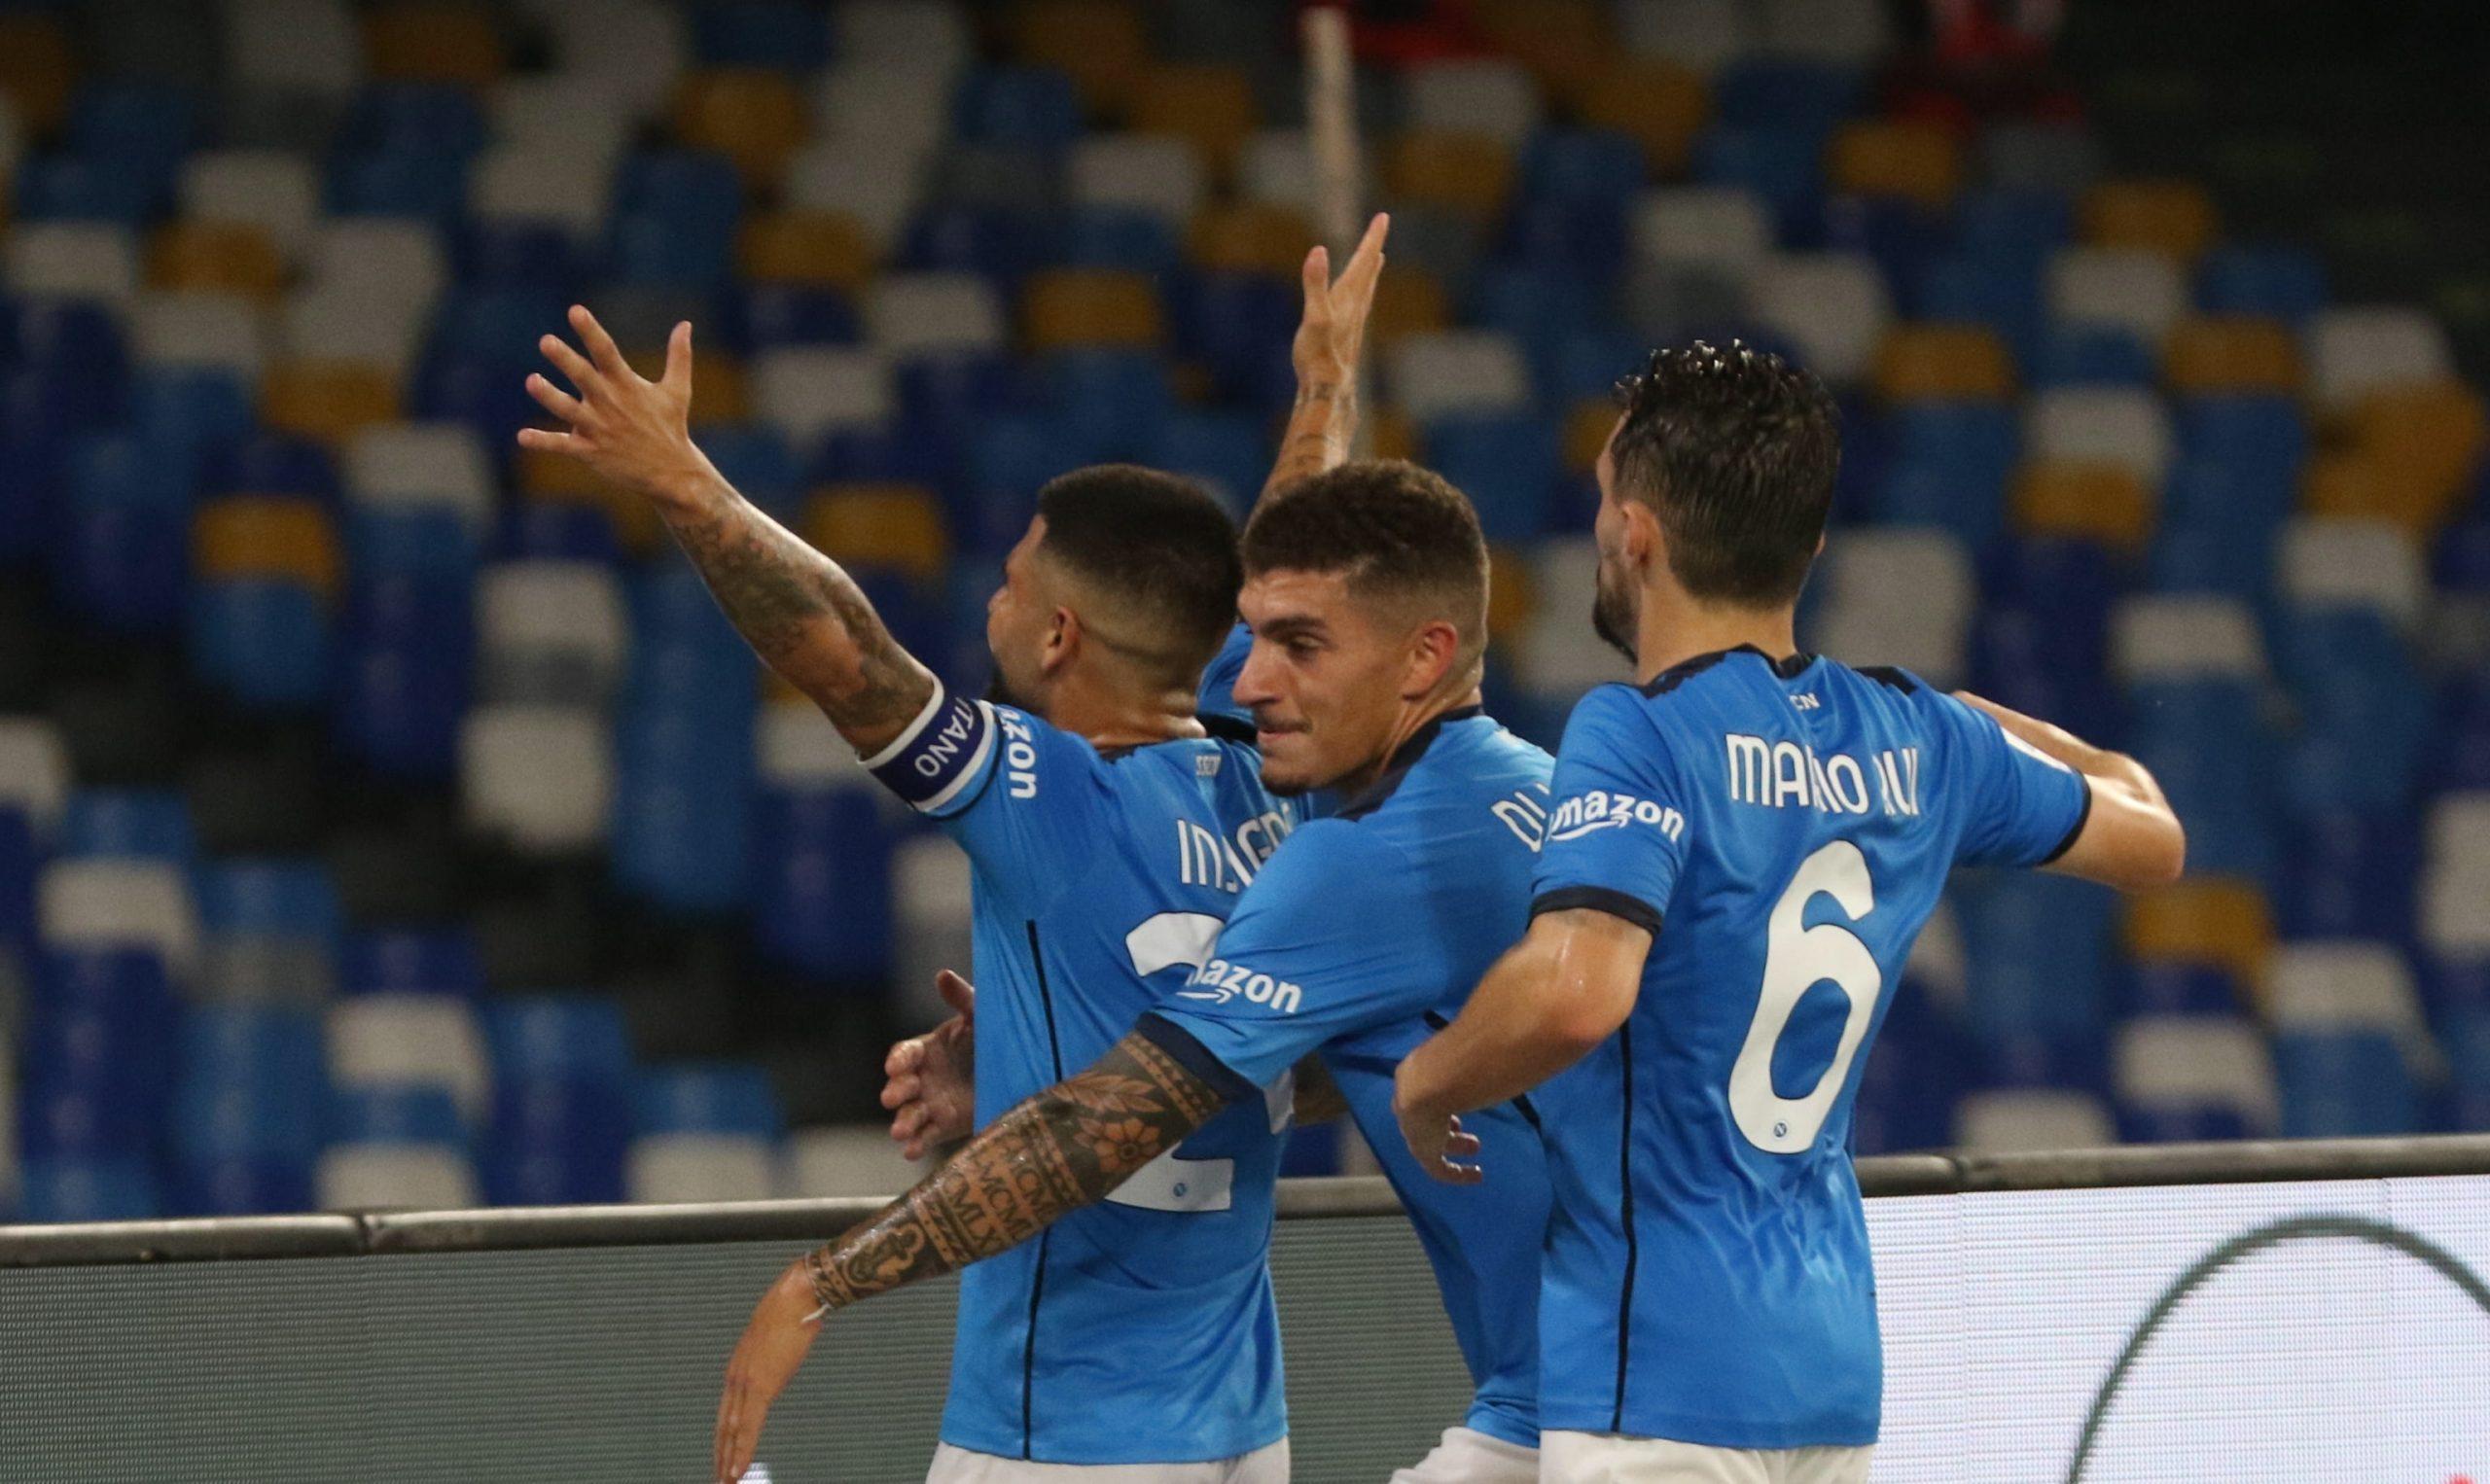 Napoli no se pierde, Lazio gana derbi y Juve continúa su remontada - Prensa Libre